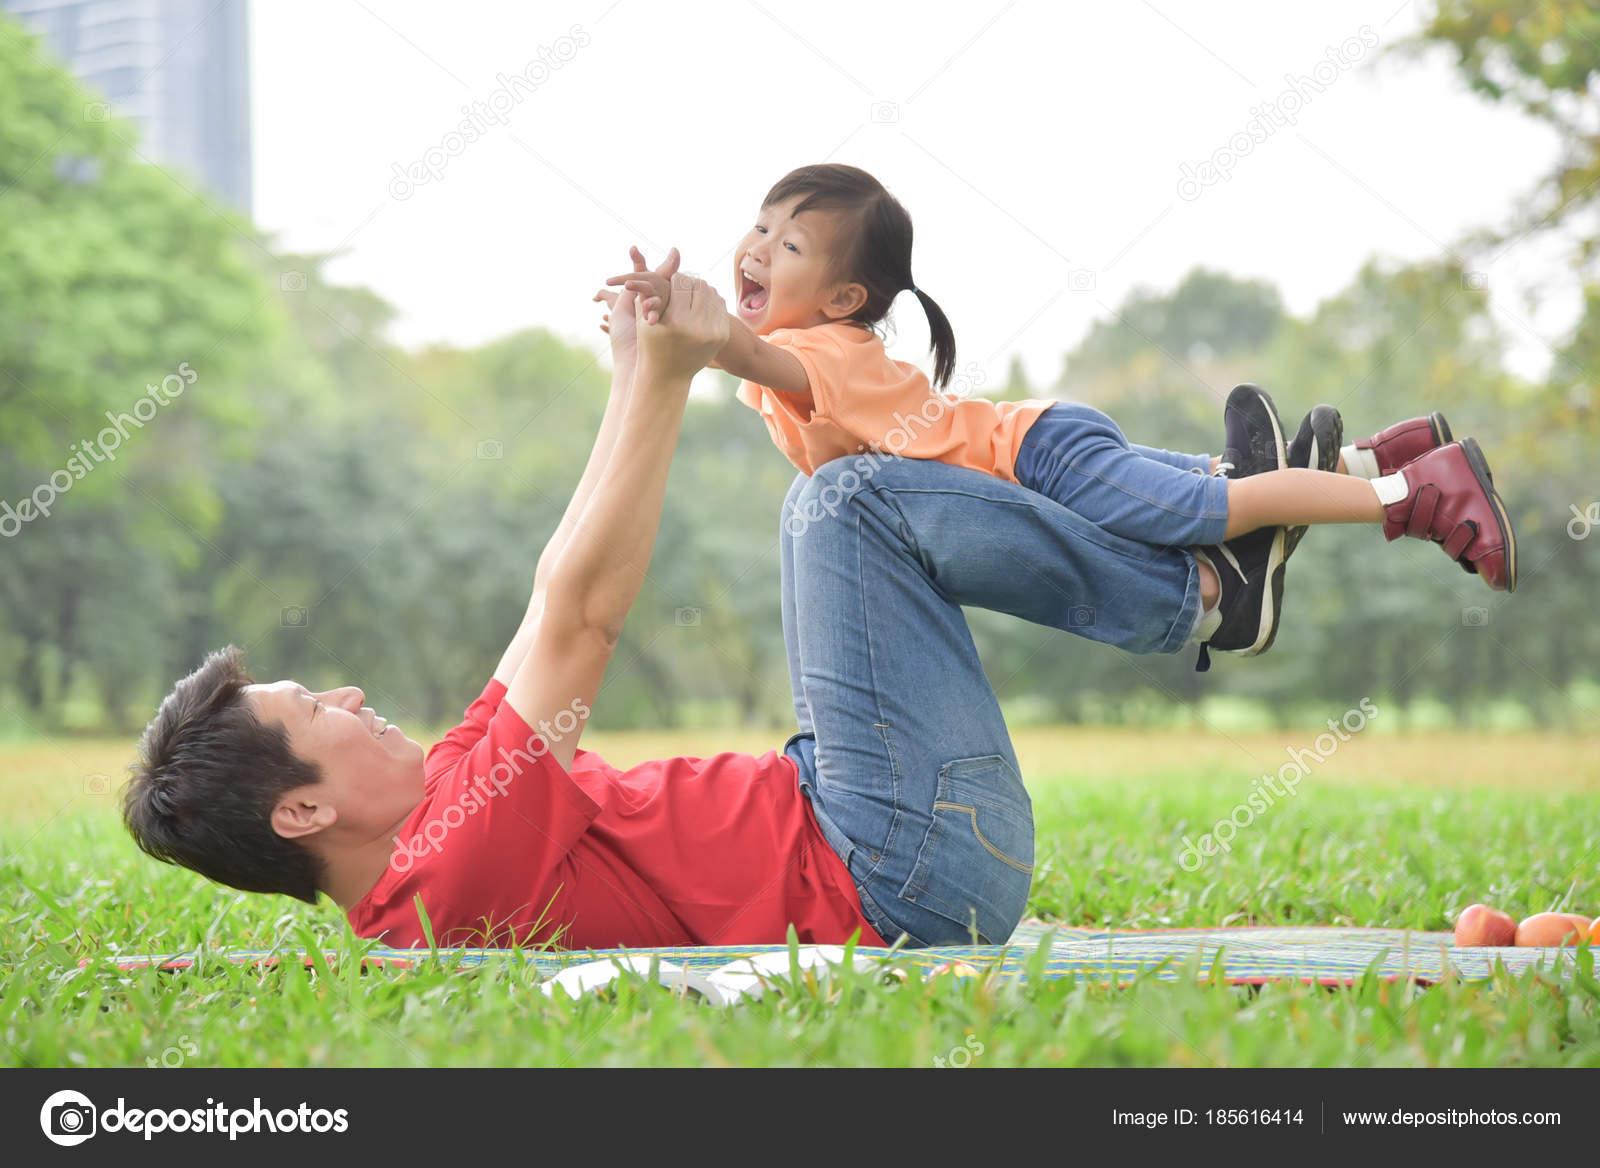 Японские шоу отец и дочь онлайн, Японское порно шоу отец должен отгадать дочь 15 фотография